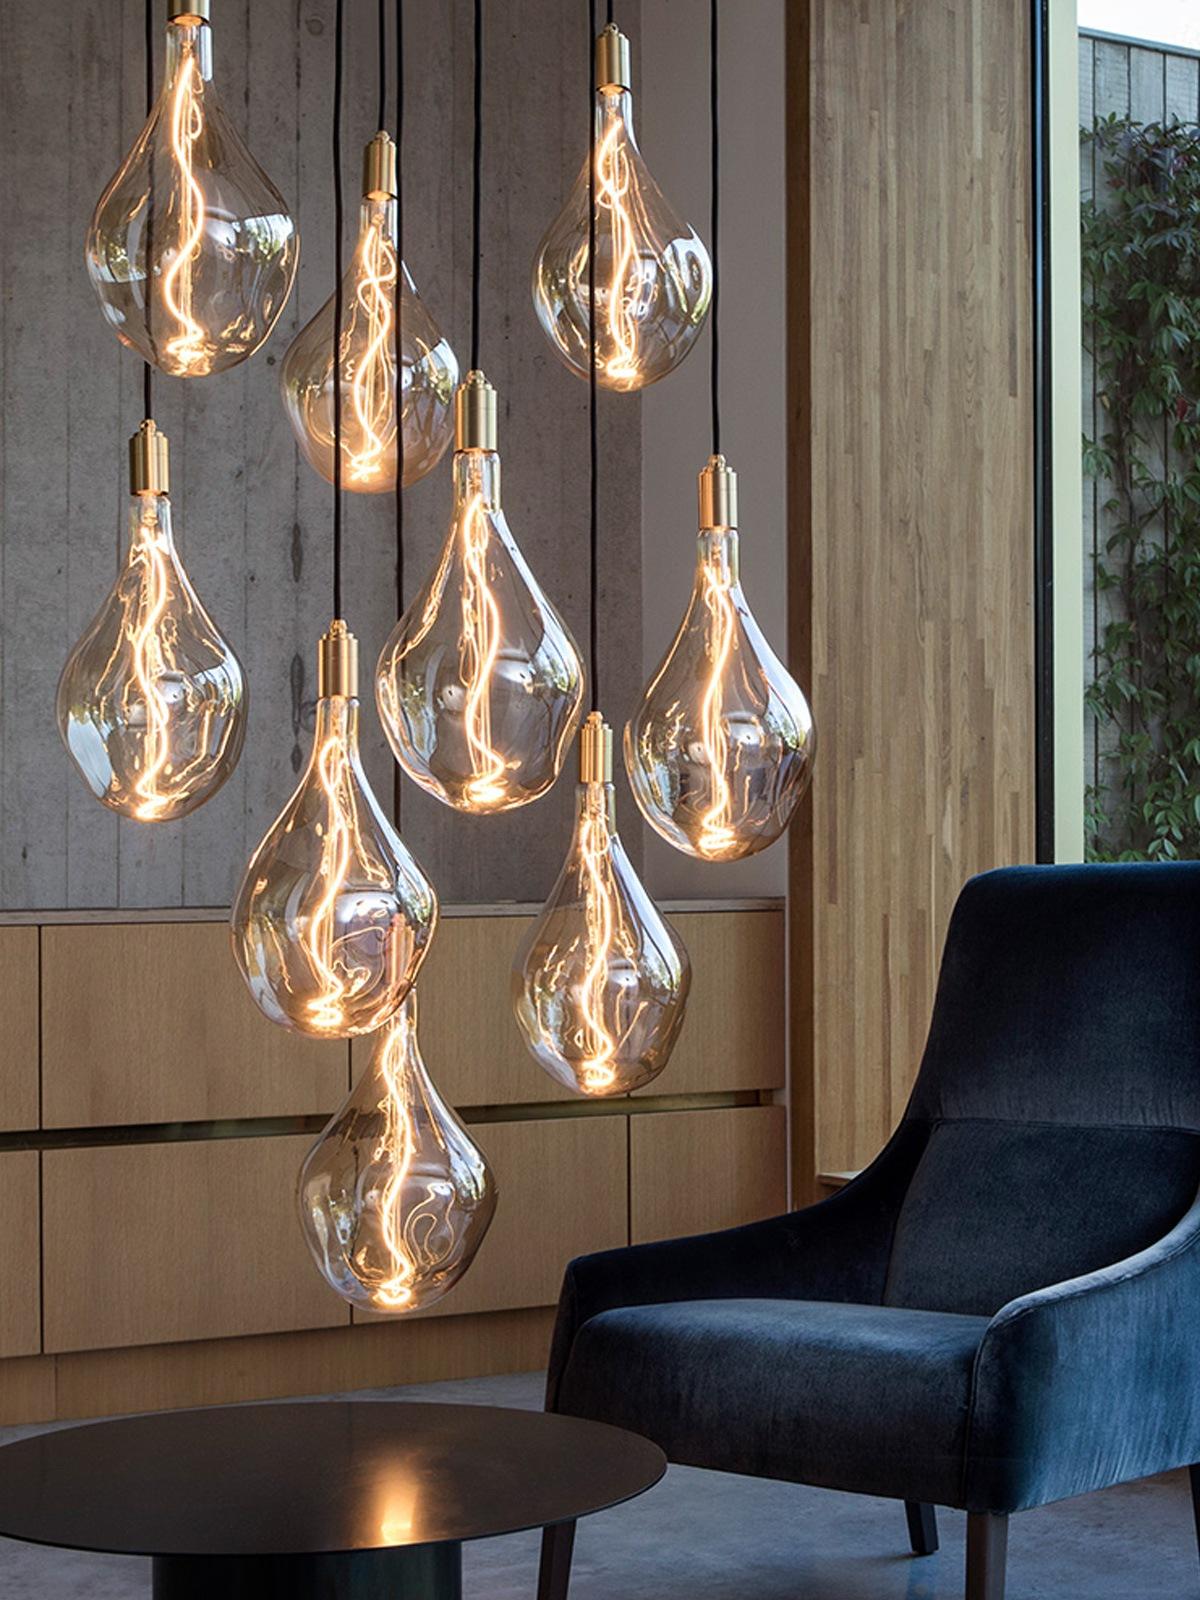 Tala Pendant Lights DesignOrt Lampen und Leuchten Berlin Onlineshop